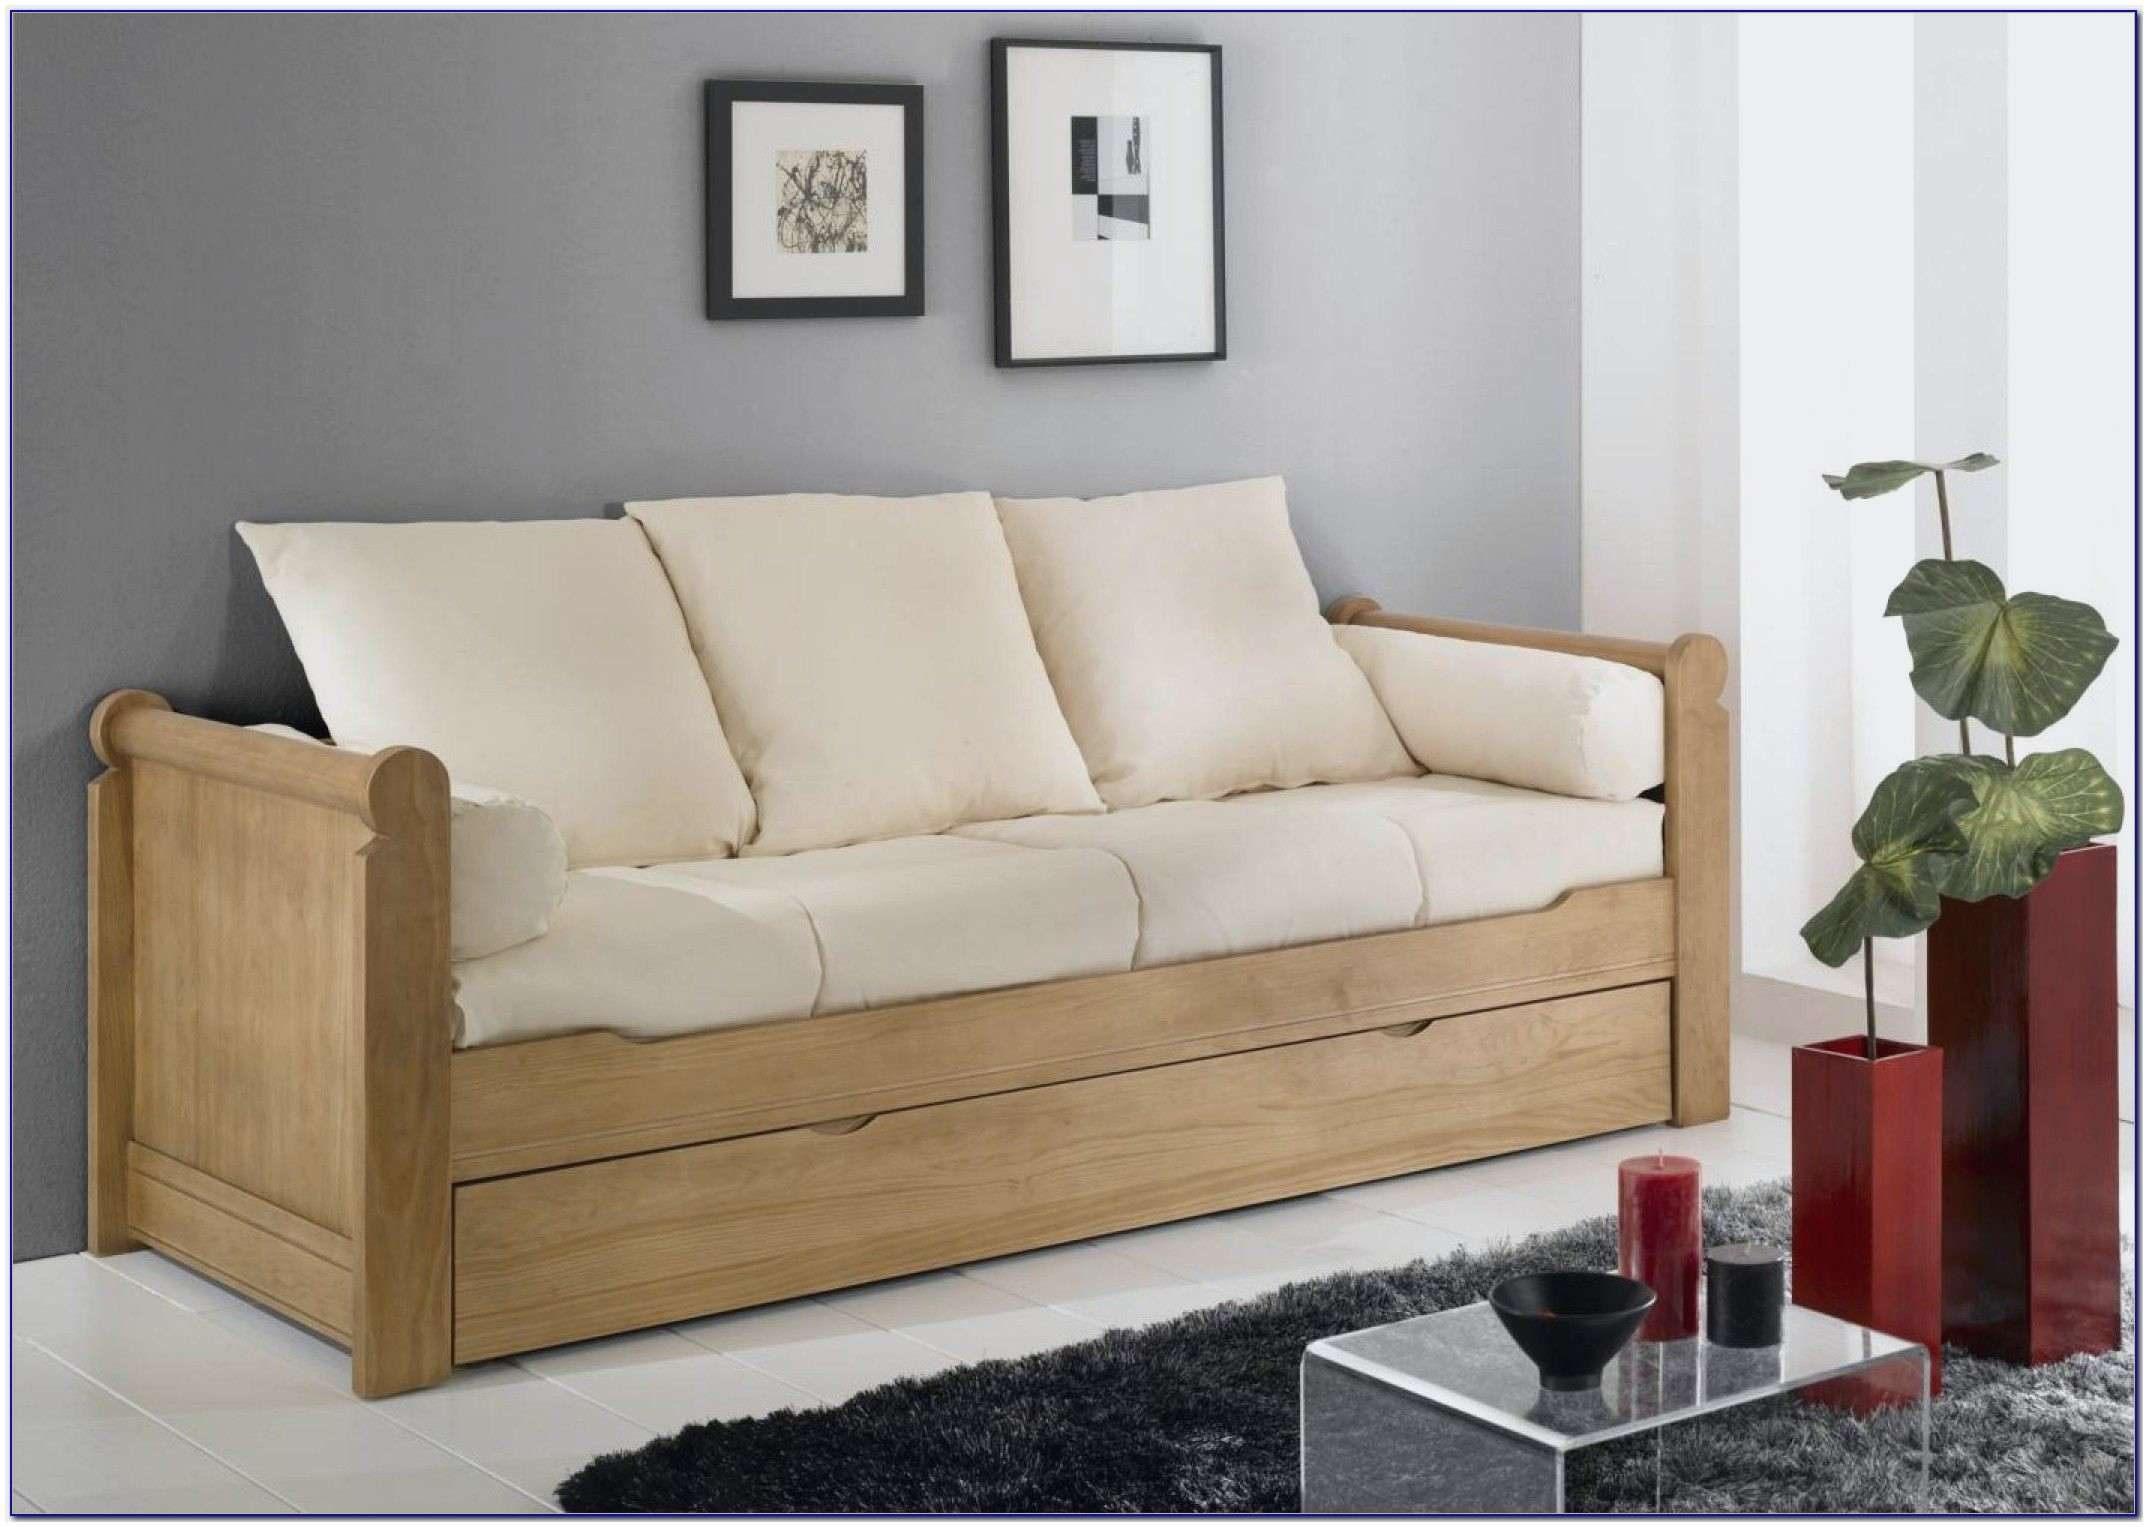 Lit Superposé 4 Places Inspirant Nouveau Luxury Canapé Lit Matelas Pour Option Canapé Convertible 2